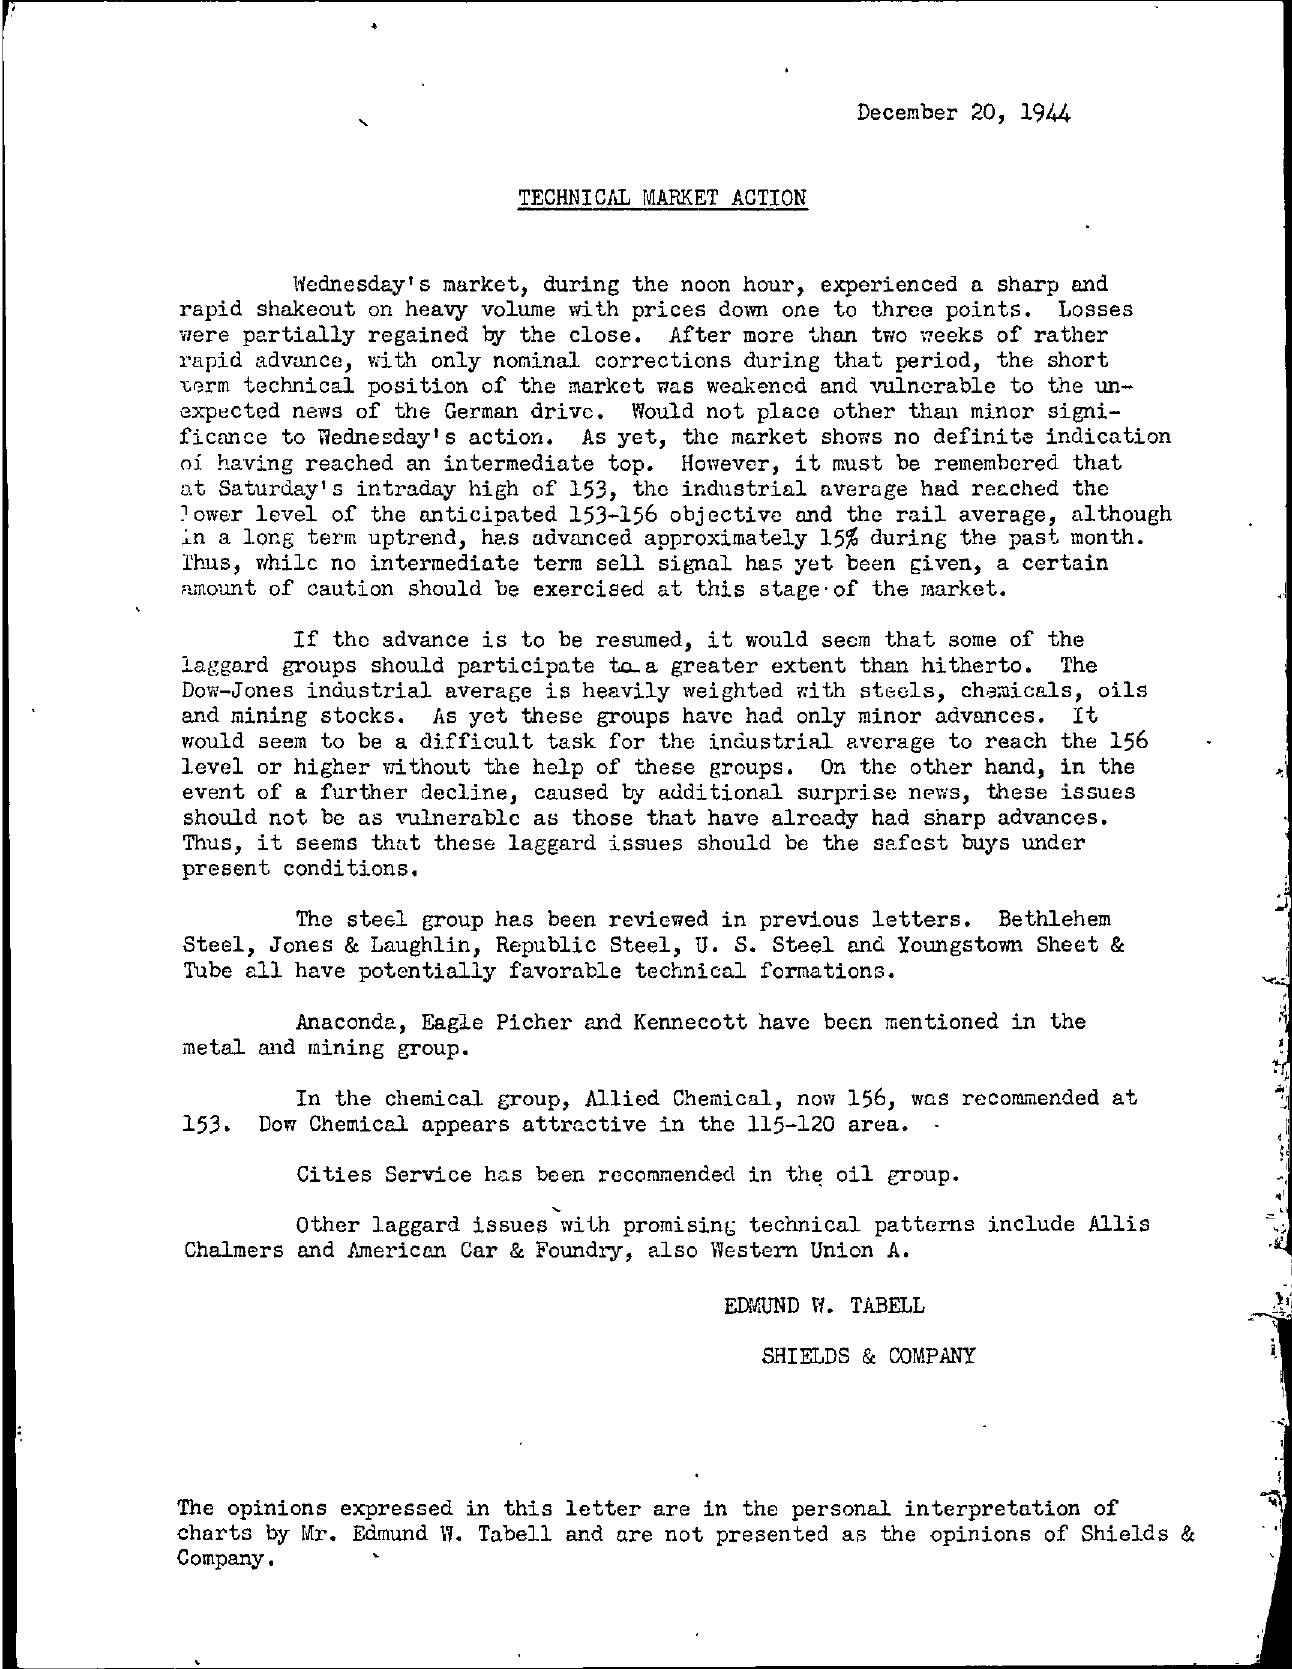 Tabell's Market Letter - December 20, 1944